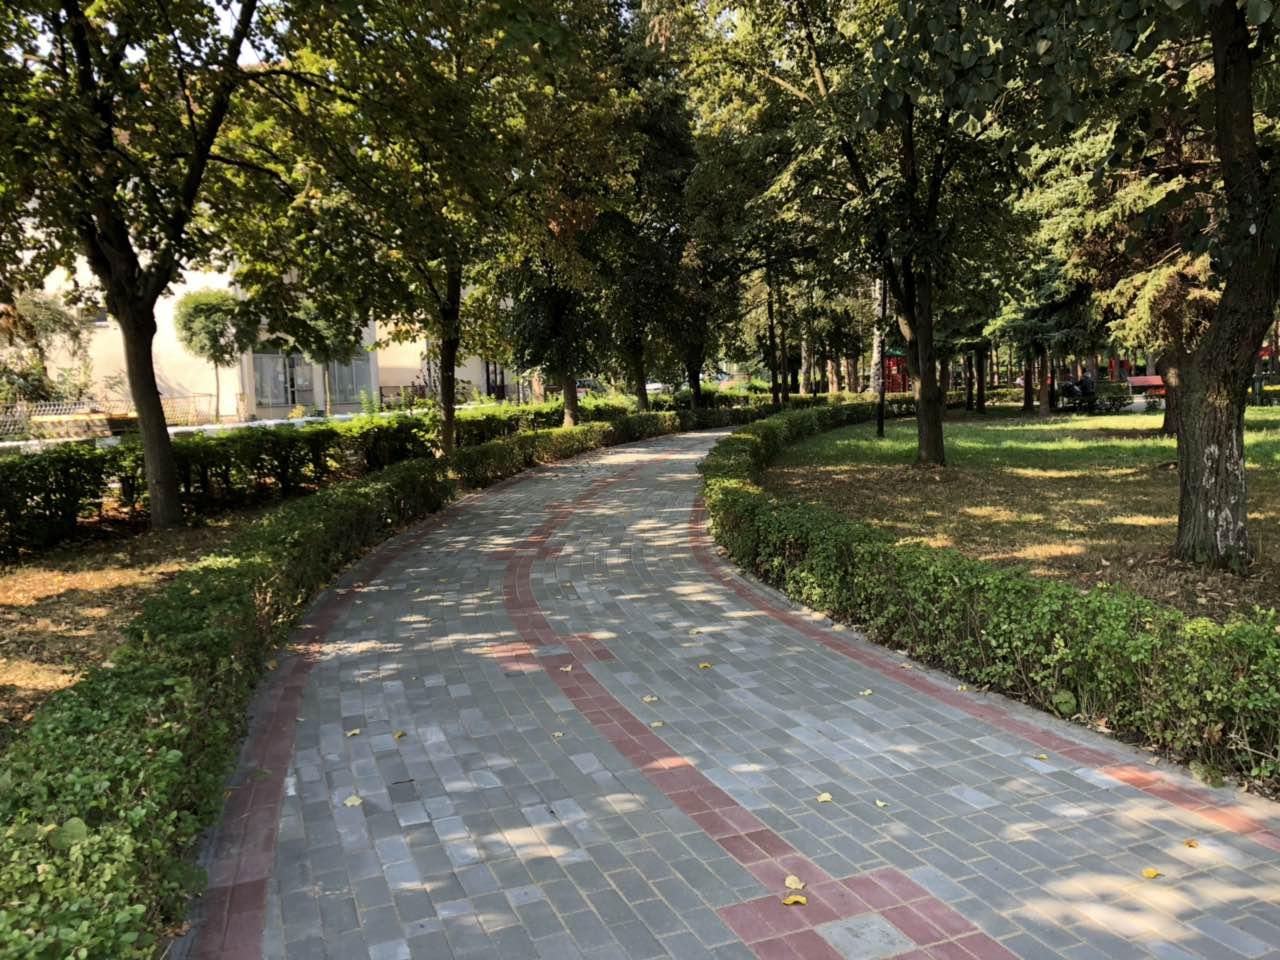 Izgrađena nova šetališta u gradskom parku